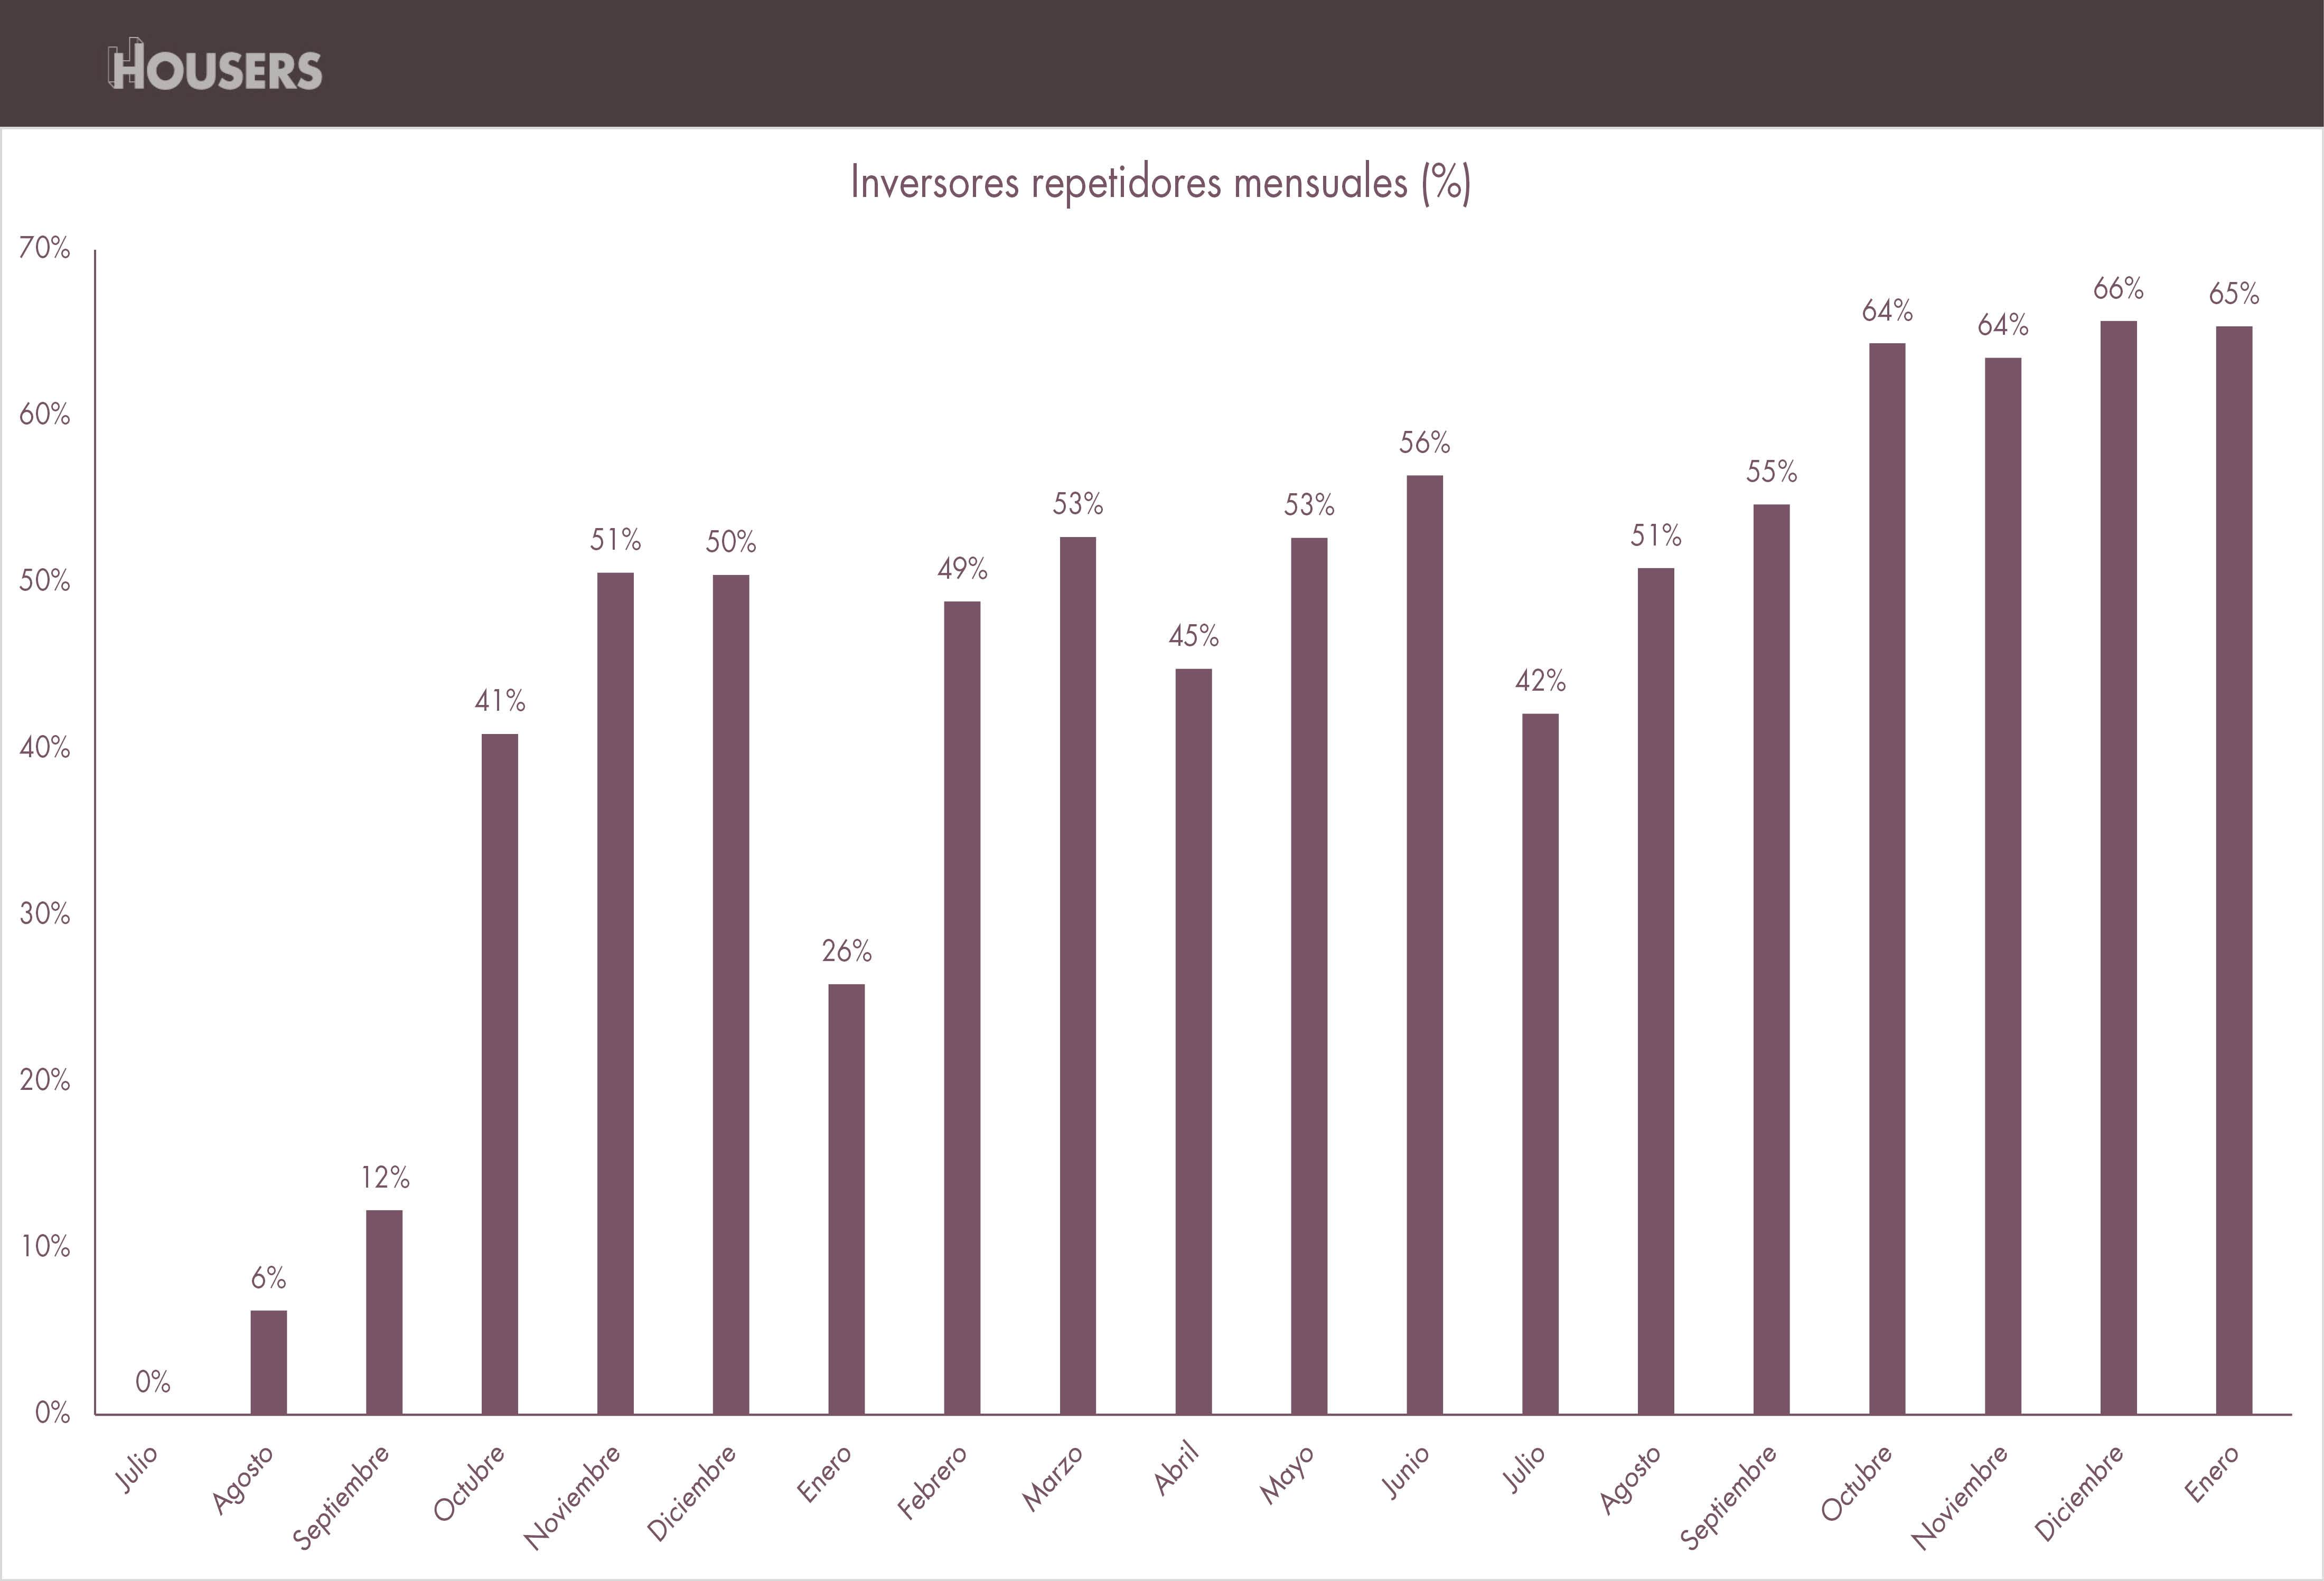 opiniones housers inversores repetidores mensuales enero 2017 estadisticas housers